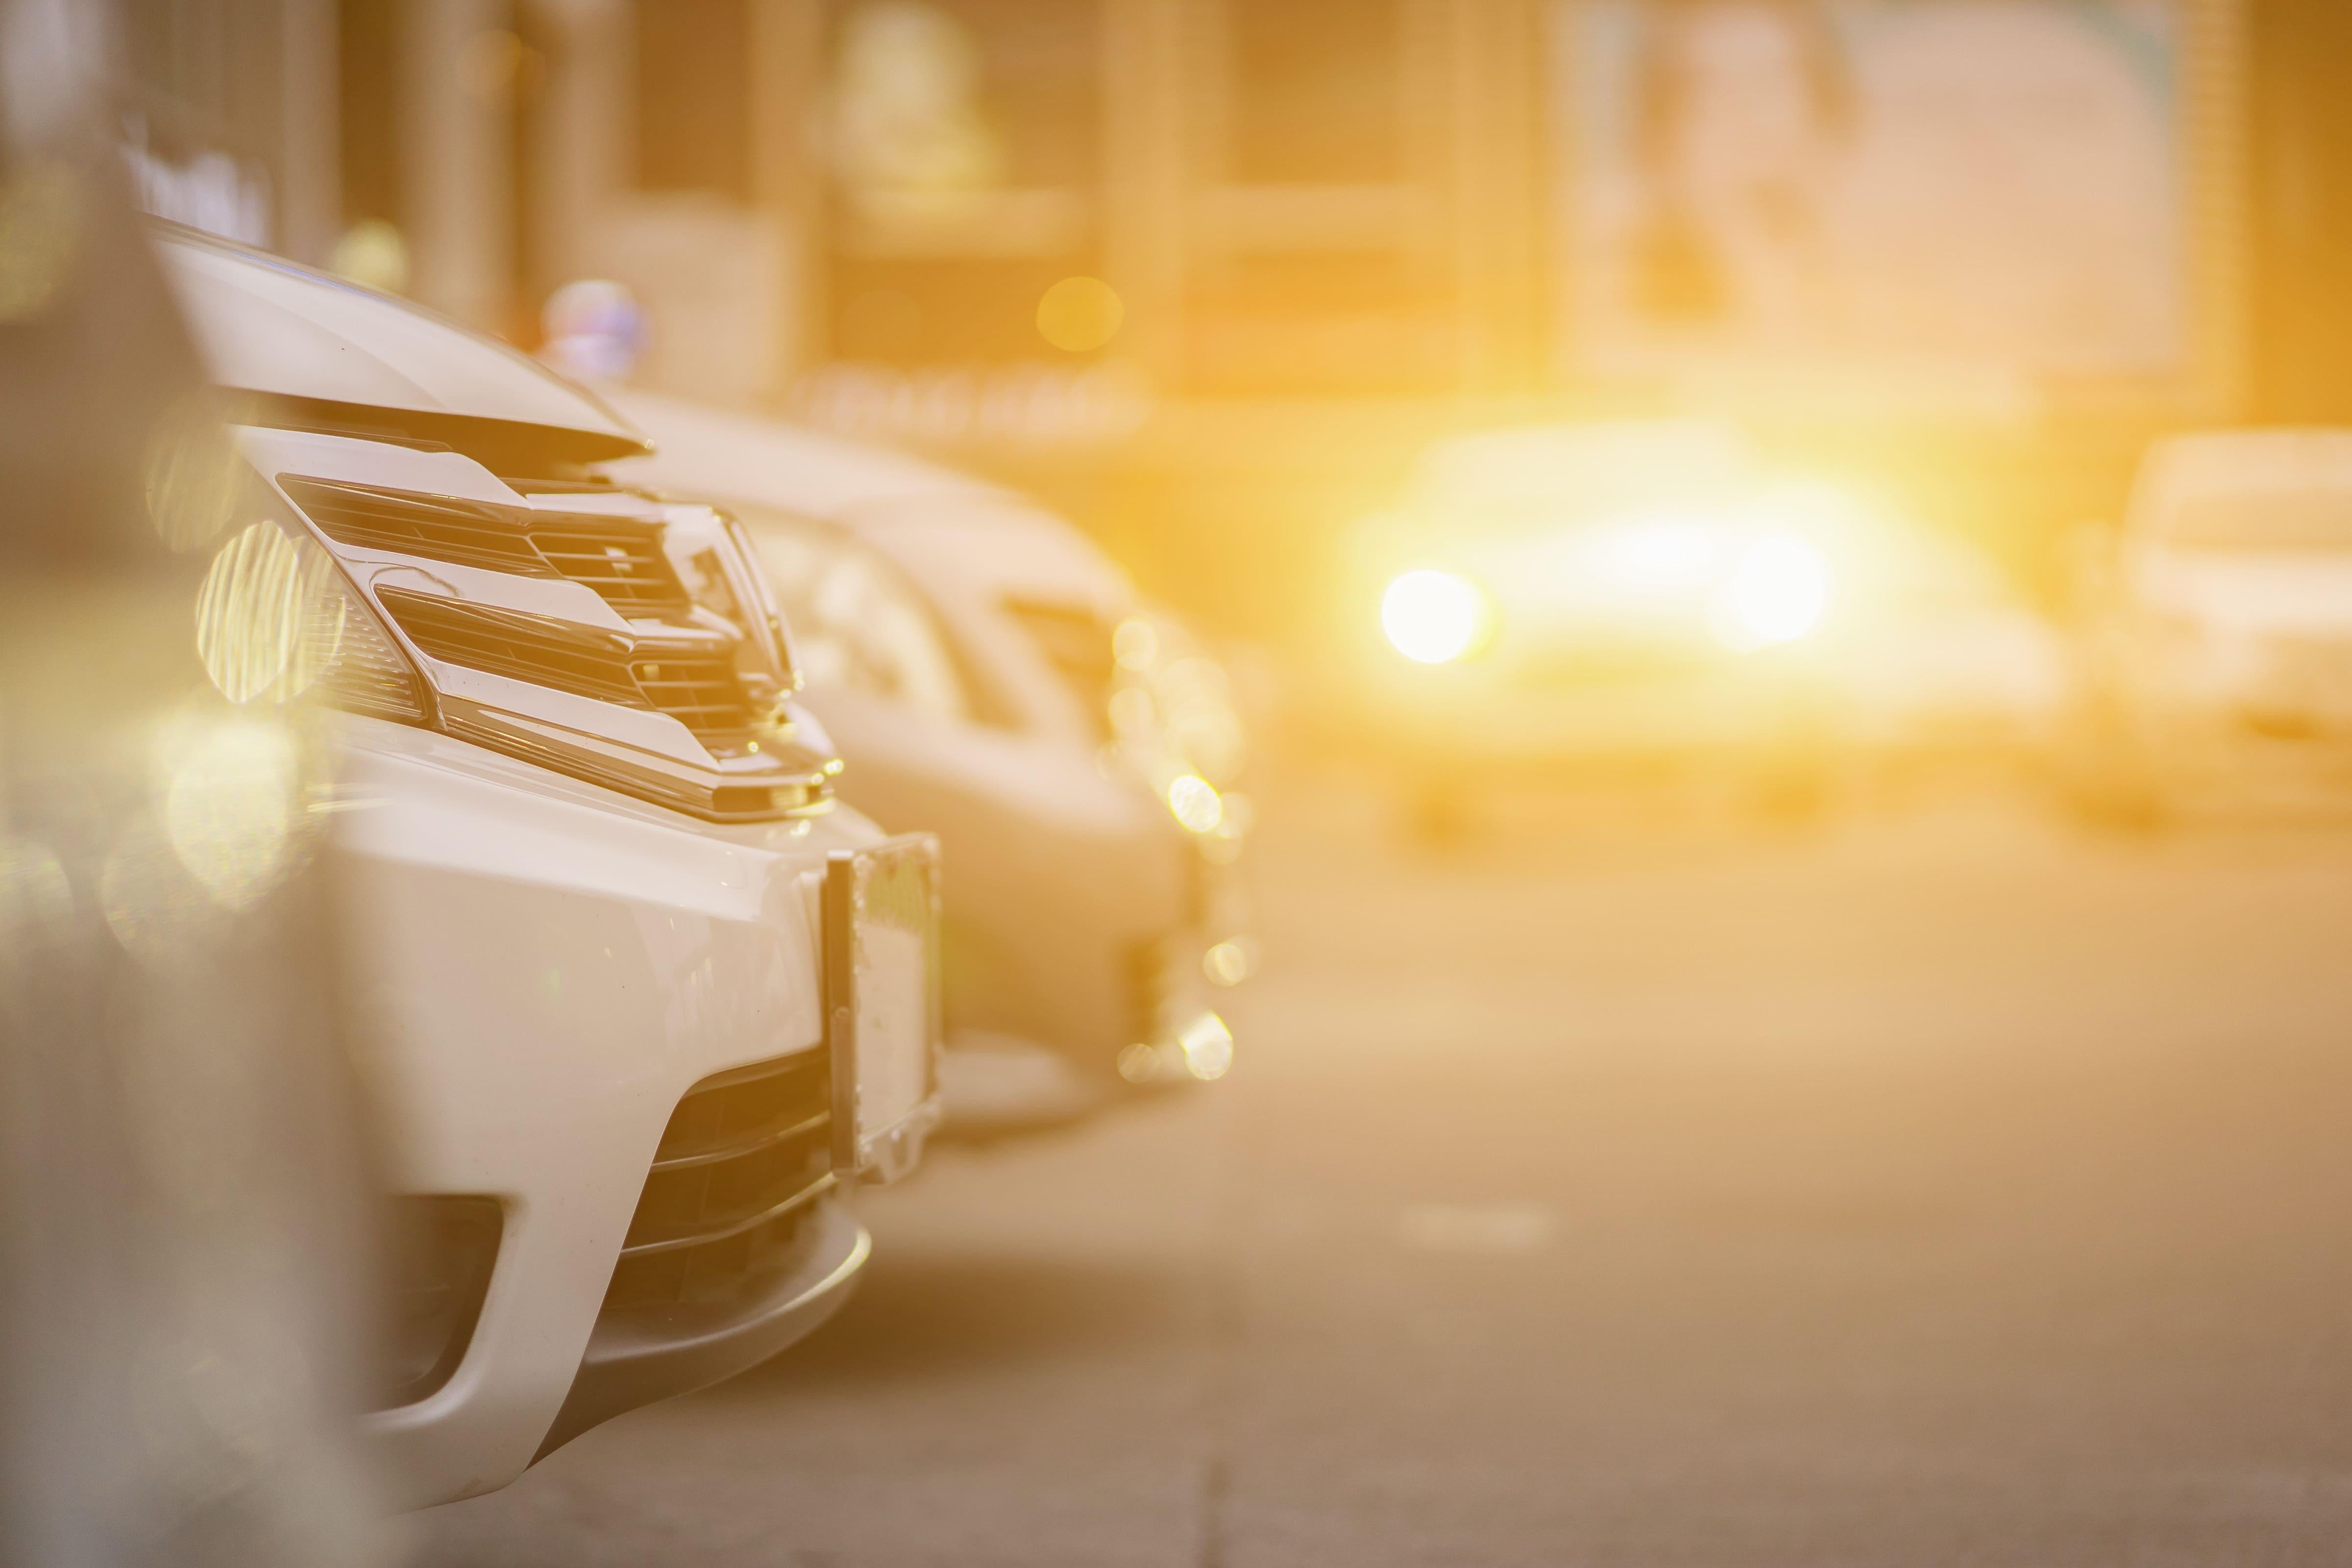 「ミラジーノ」の中古車を自社ローンで購入した方の車両価格相場と口コミ(体験談)